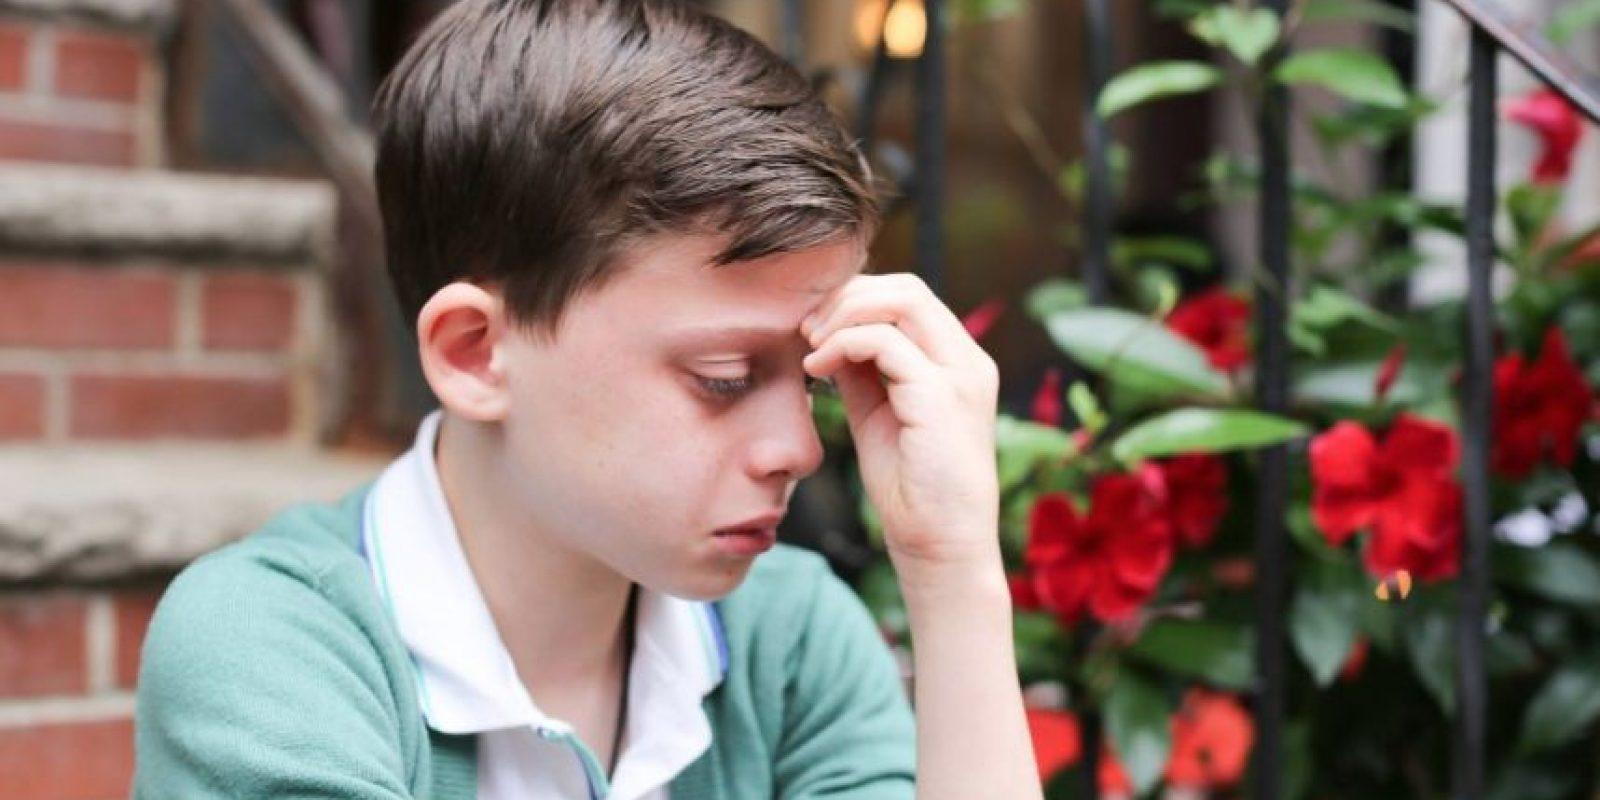 Los adolescentes homosexuales tienen algunas preocupaciones importantes como: Foto:Vía Facebook/HumansOfNewYork